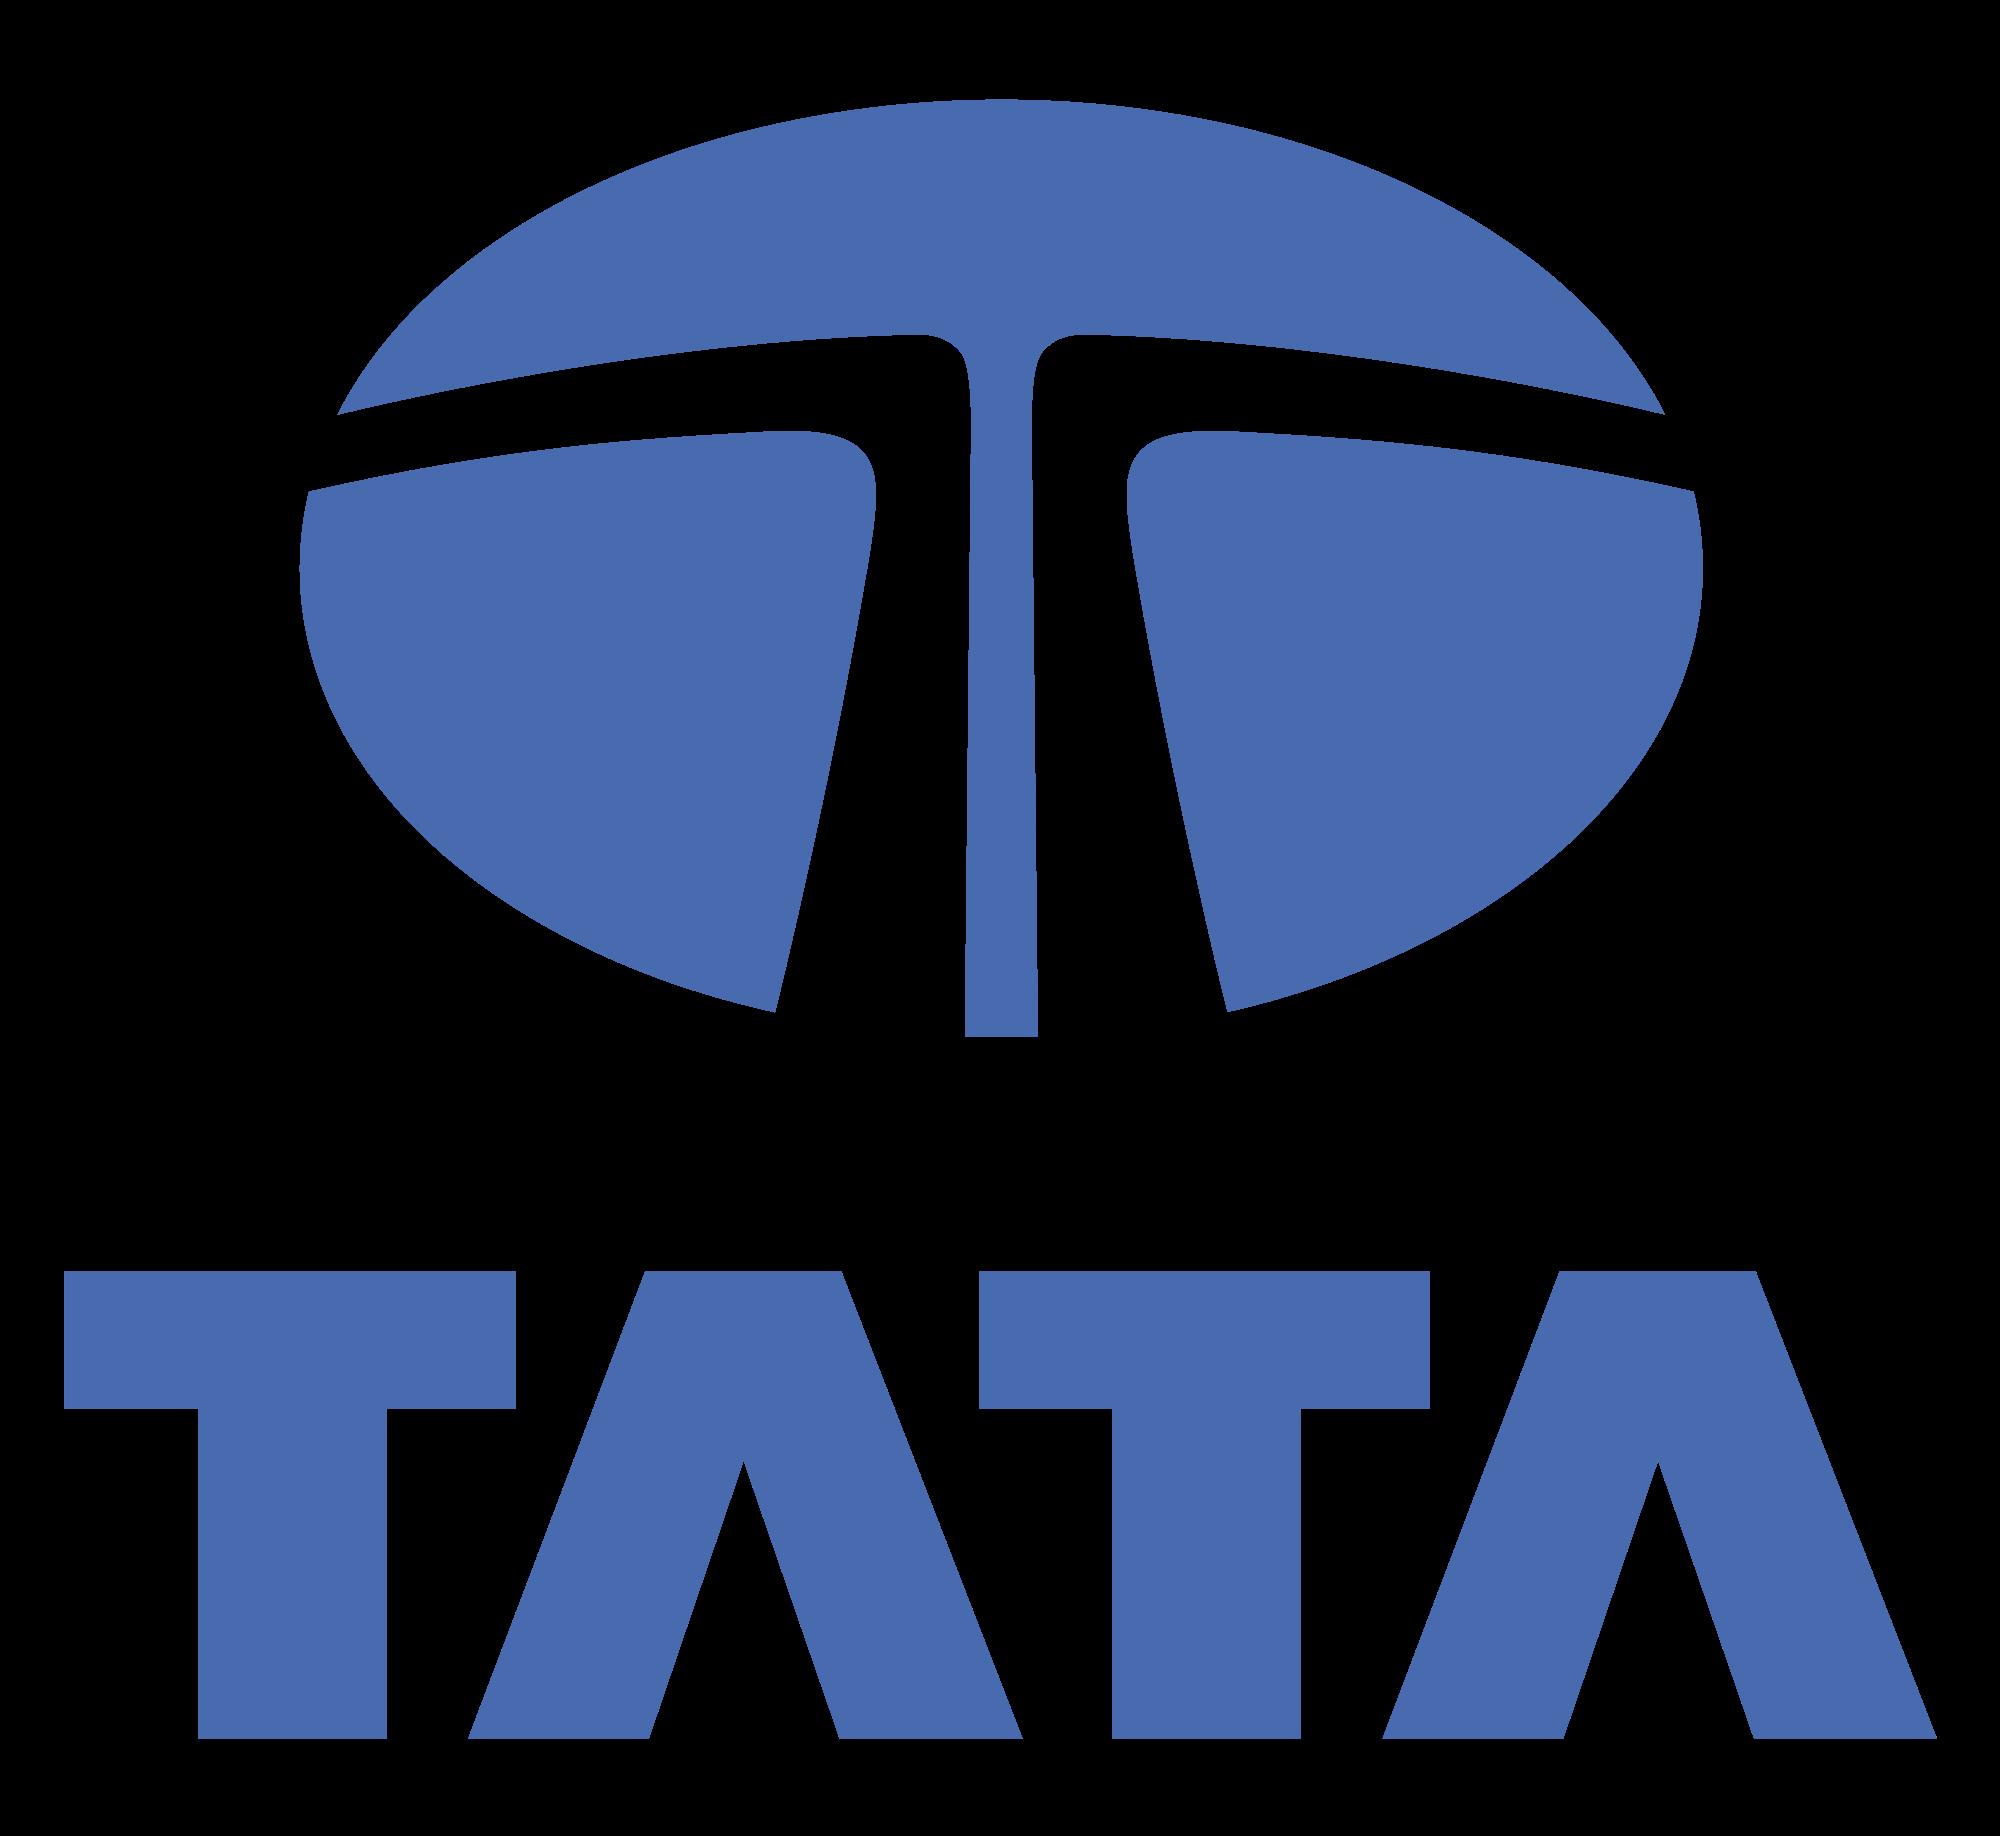 Tata PNG